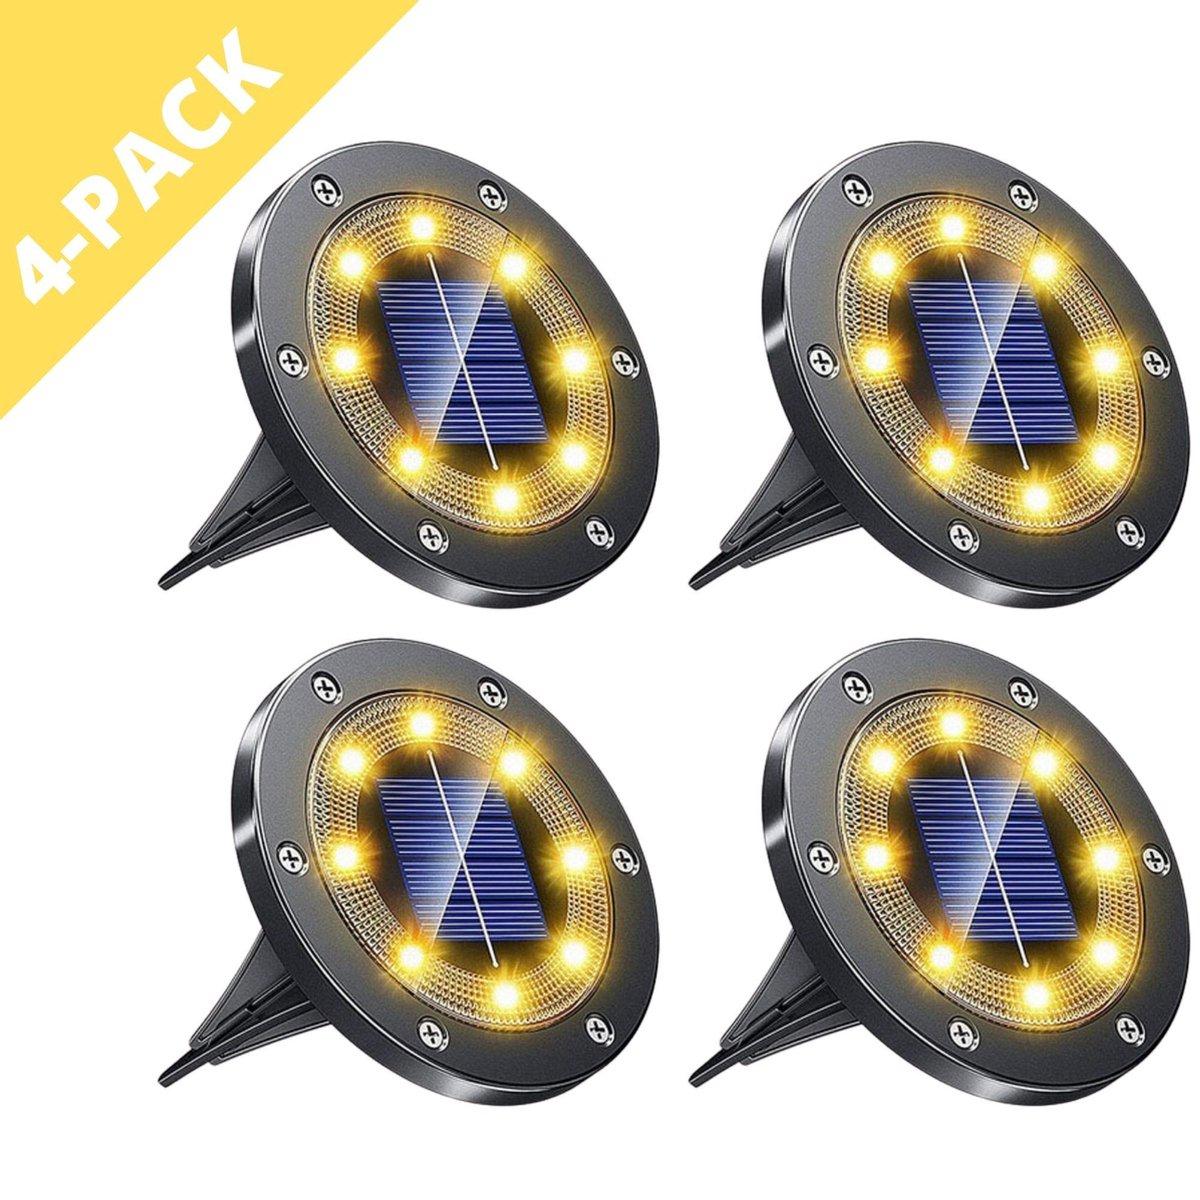 Q-Mate 4 x LED Solar Grondspot Zwart - Solar Tuinverlichting  - Buitenlamp - Tuinverlichting op Zonn